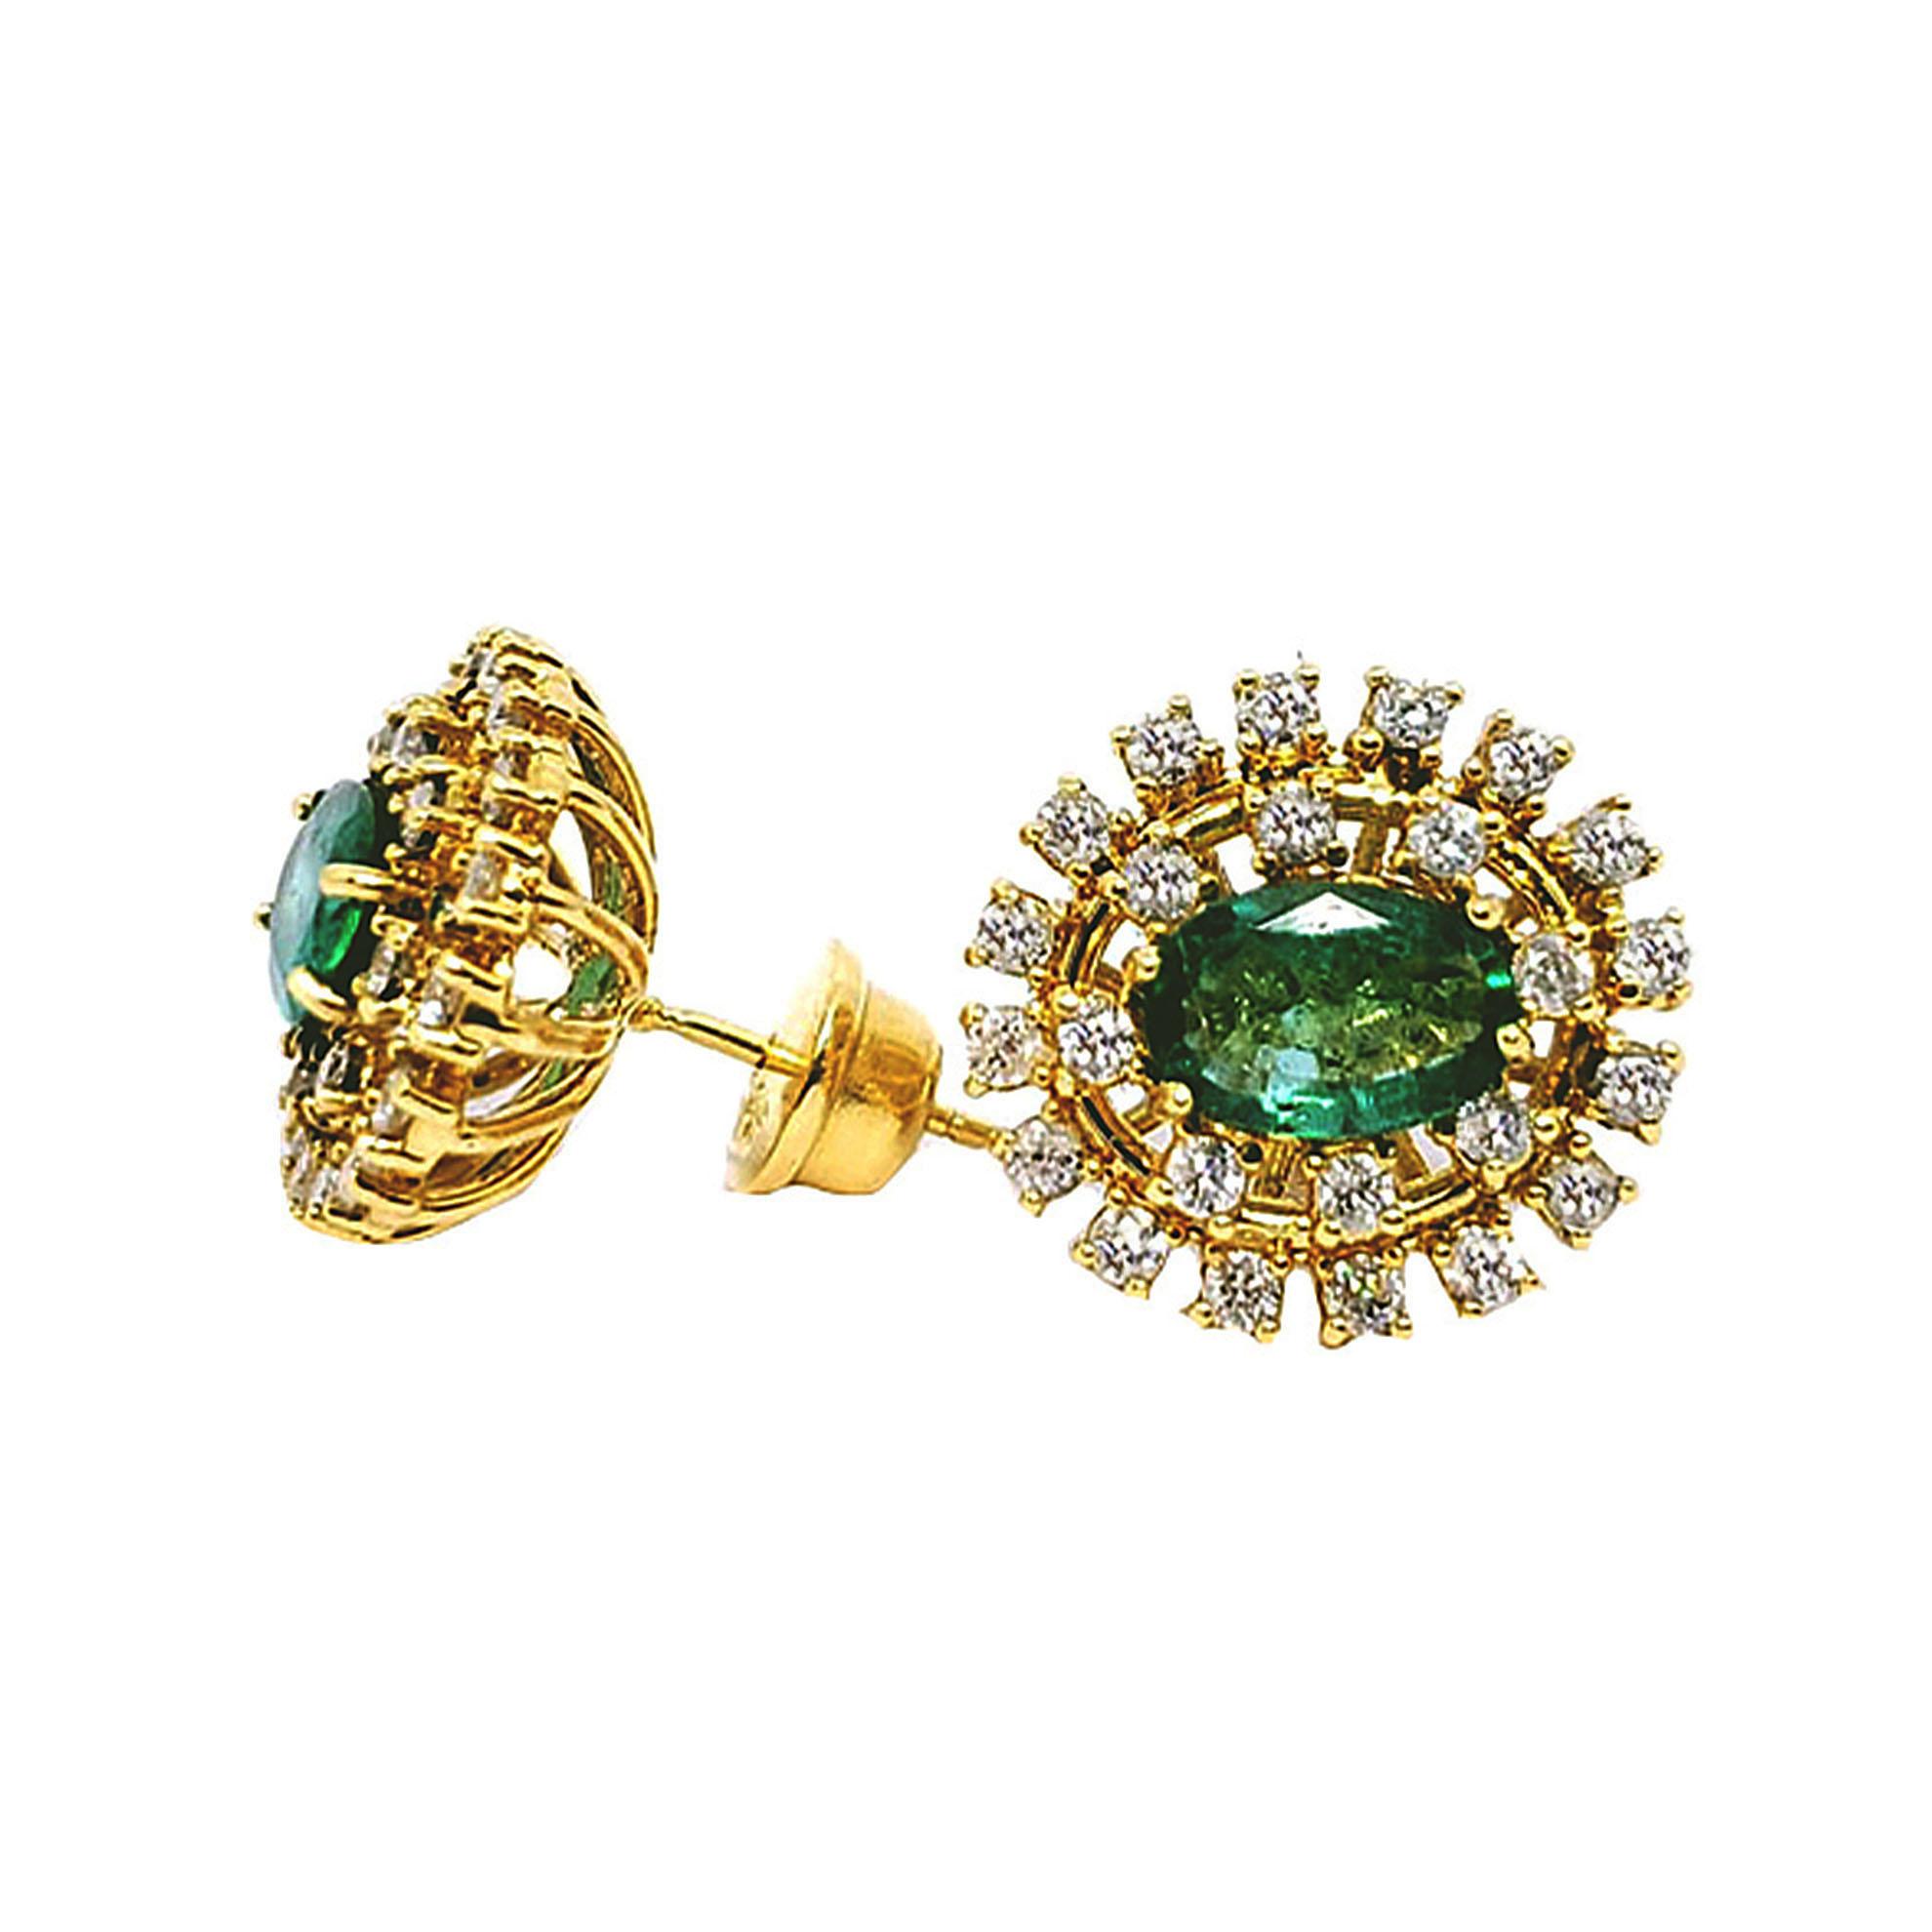 Brinco Chuveiro Oval c/ Diamantes e Esmeraldas em Ouro 18 Kilates